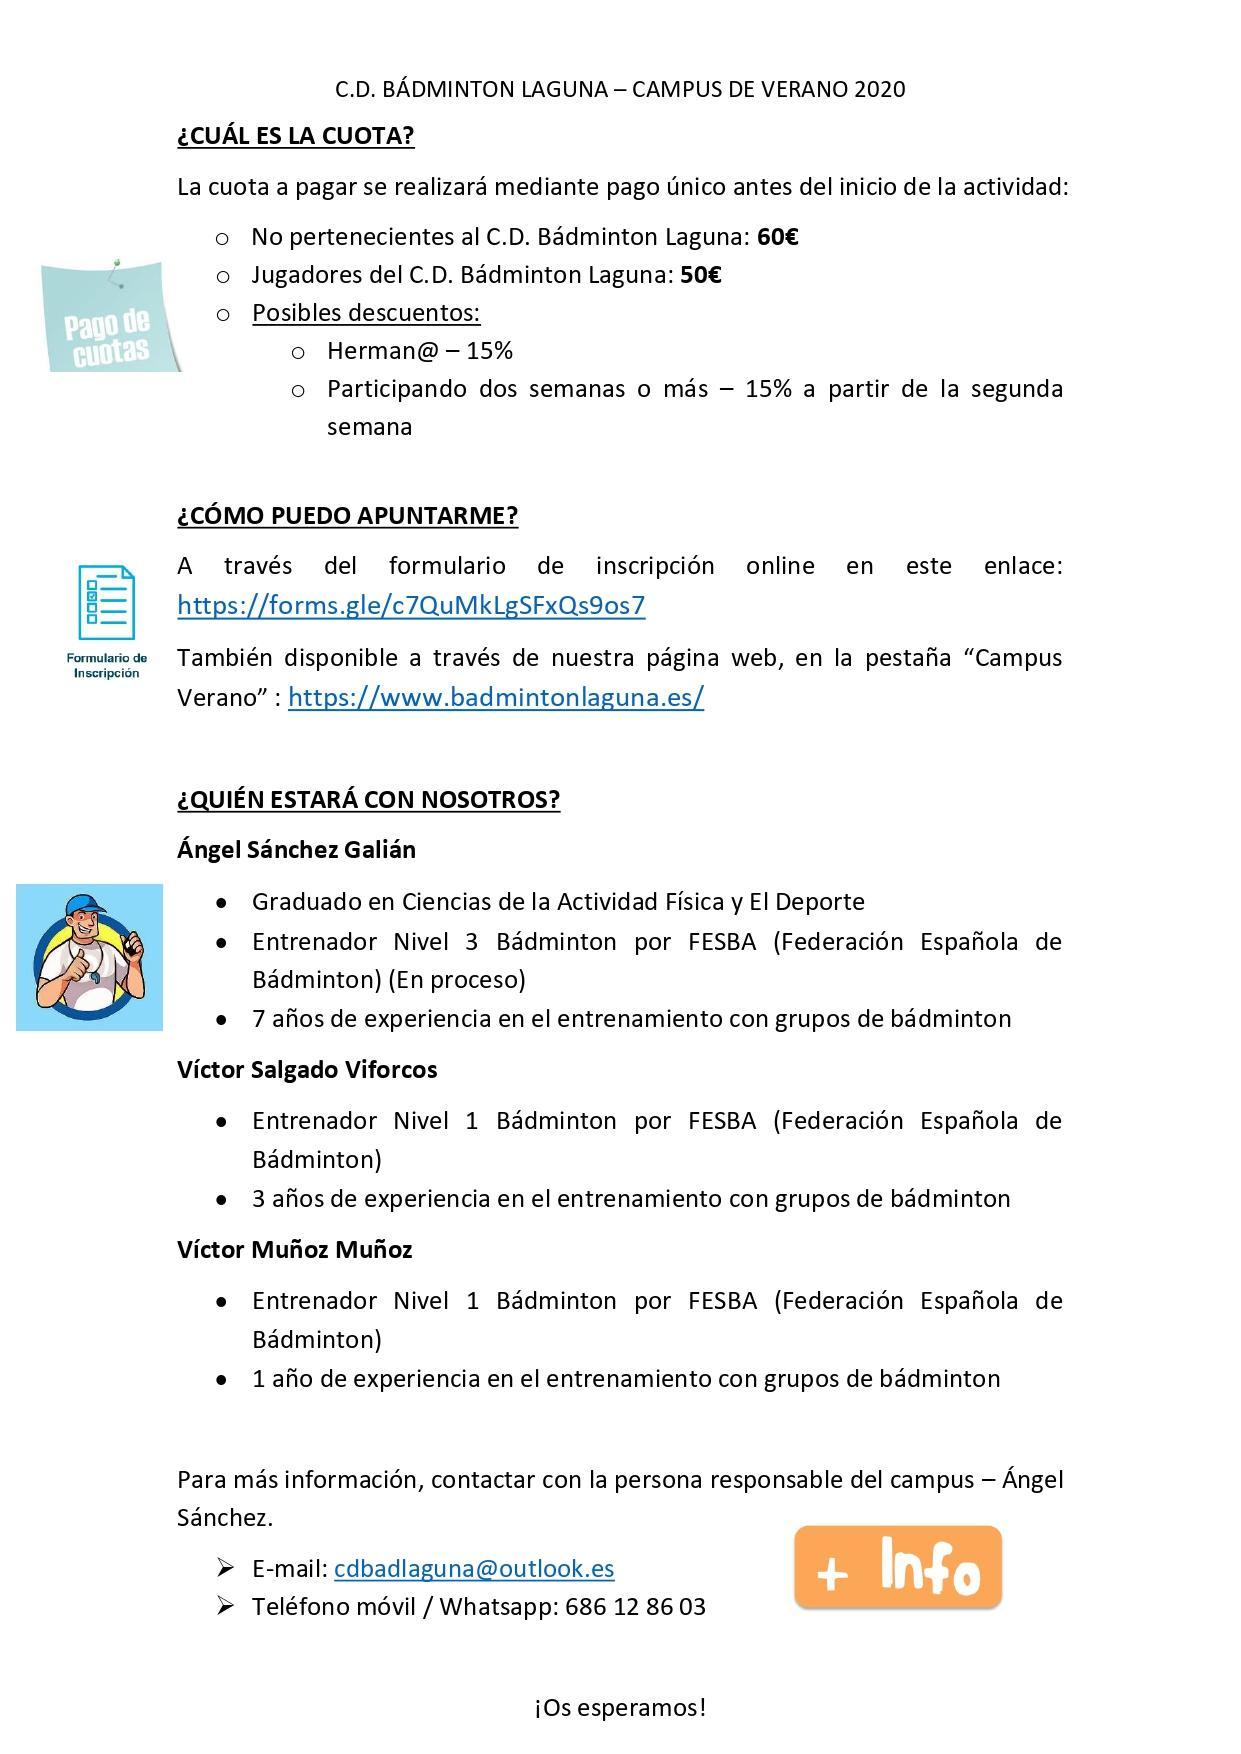 Informacion iii campus de verano 20 c d badminton laguna pages to jpg 0002